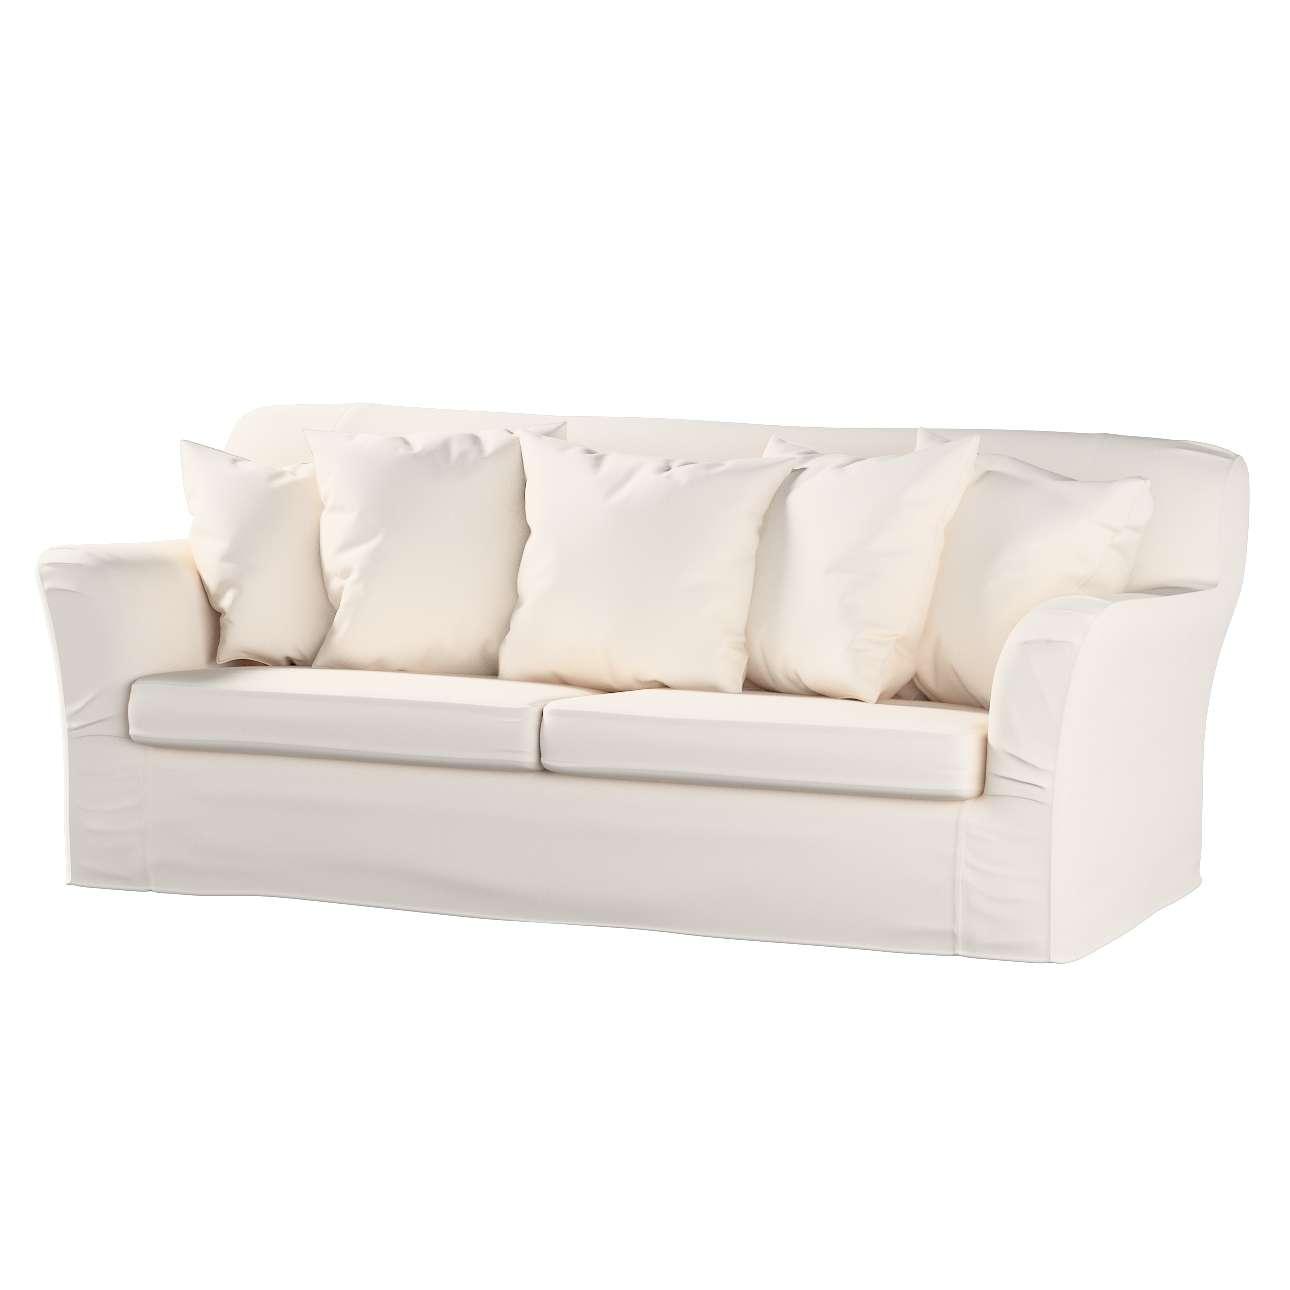 Pokrowiec na sofę Tomelilla 3-osobową rozkładaną Sofa Tomelilla rozkładana w kolekcji Etna , tkanina: 705-01